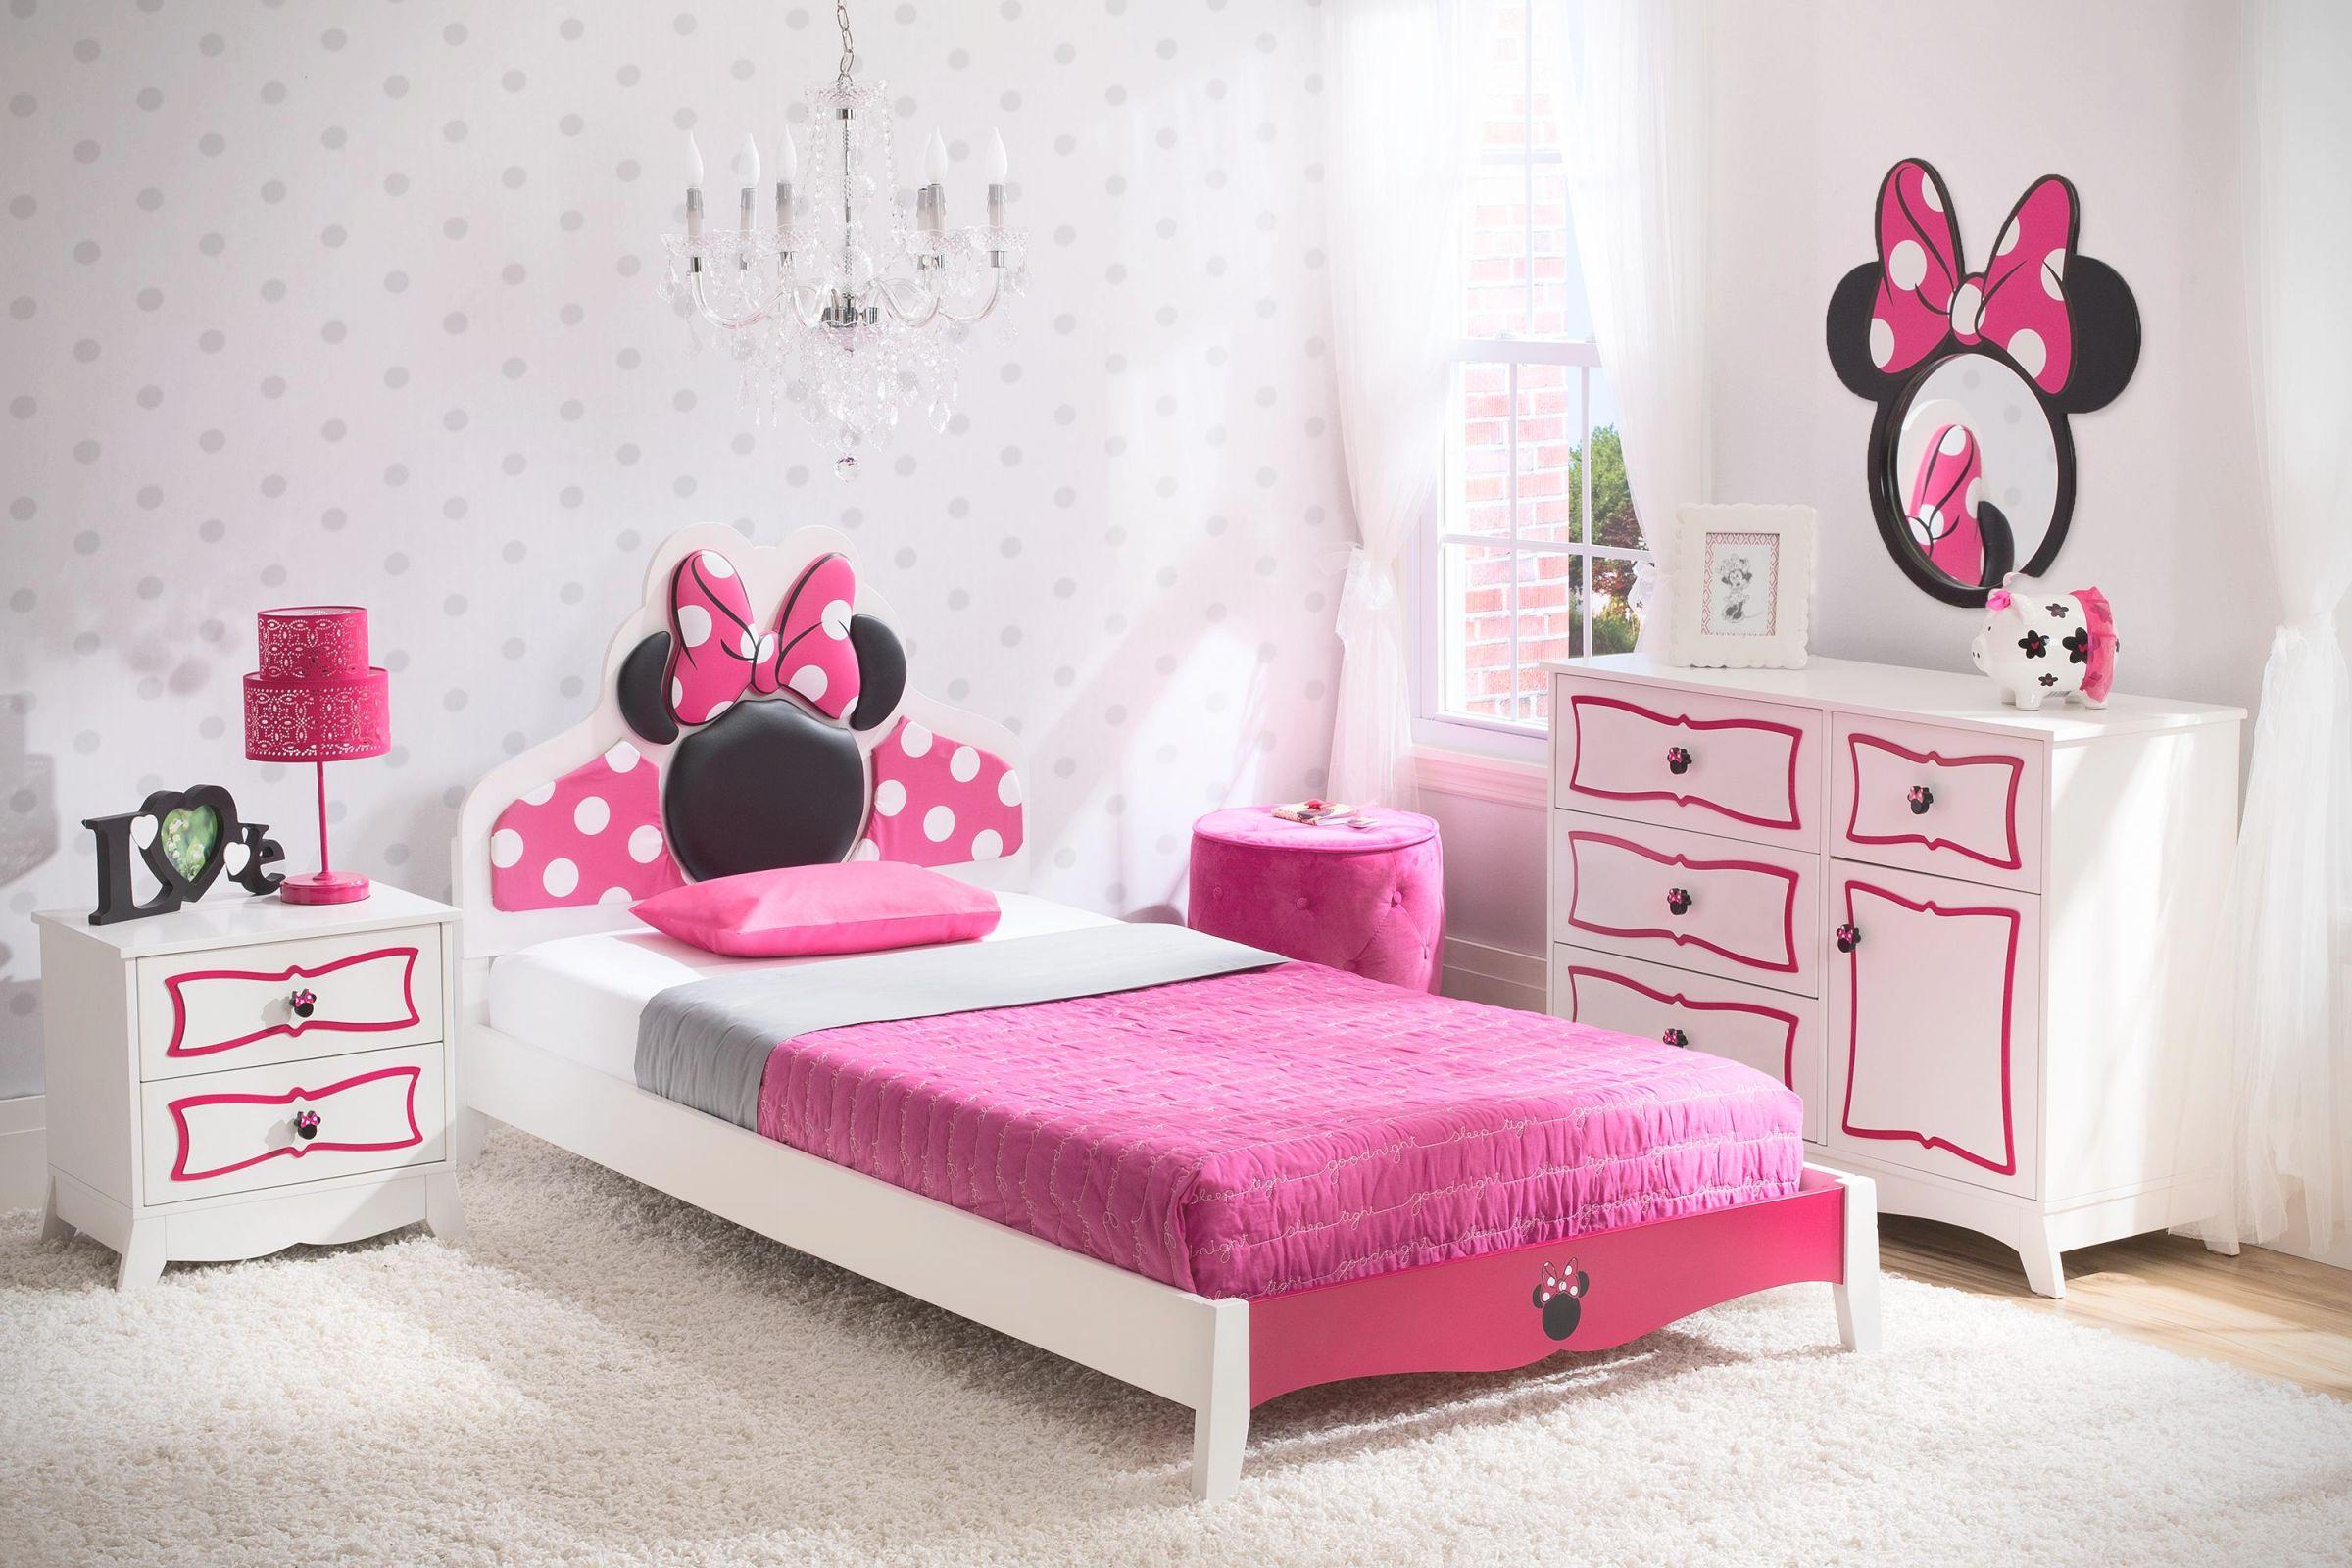 Cool Toddler Twin Bedroom Sets Ideas Boy Decor Furniture inside Bedroom Set Girl